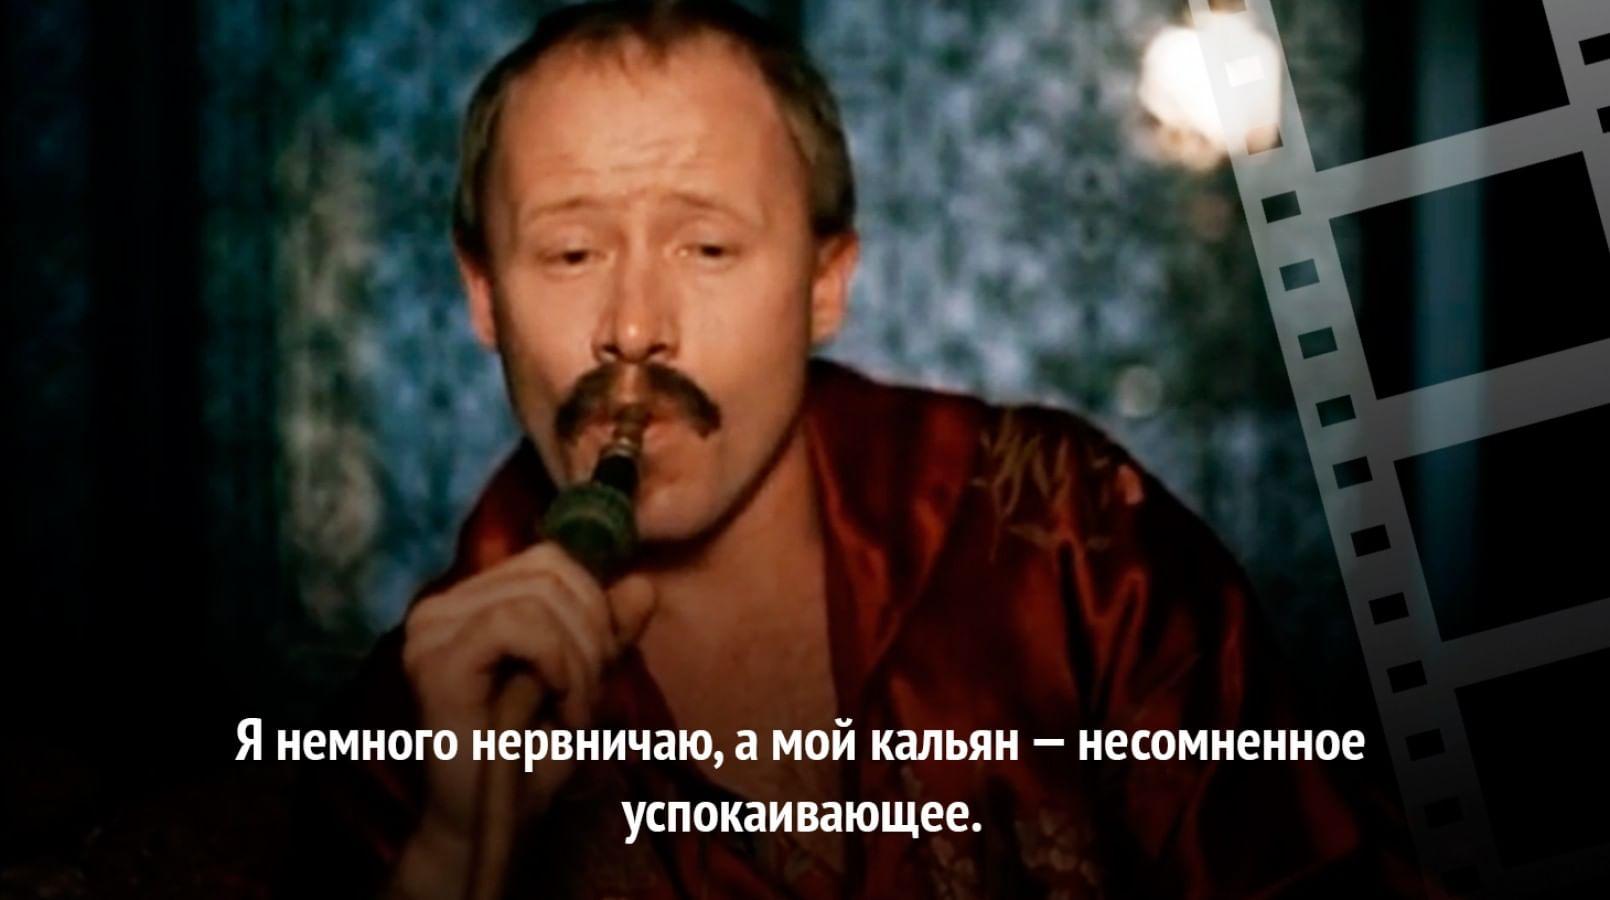 Тадеуш Шолто в «Сокровищах Агры» курил кальян, добавляя в него опиаты, чтобы «успокоить нервы».